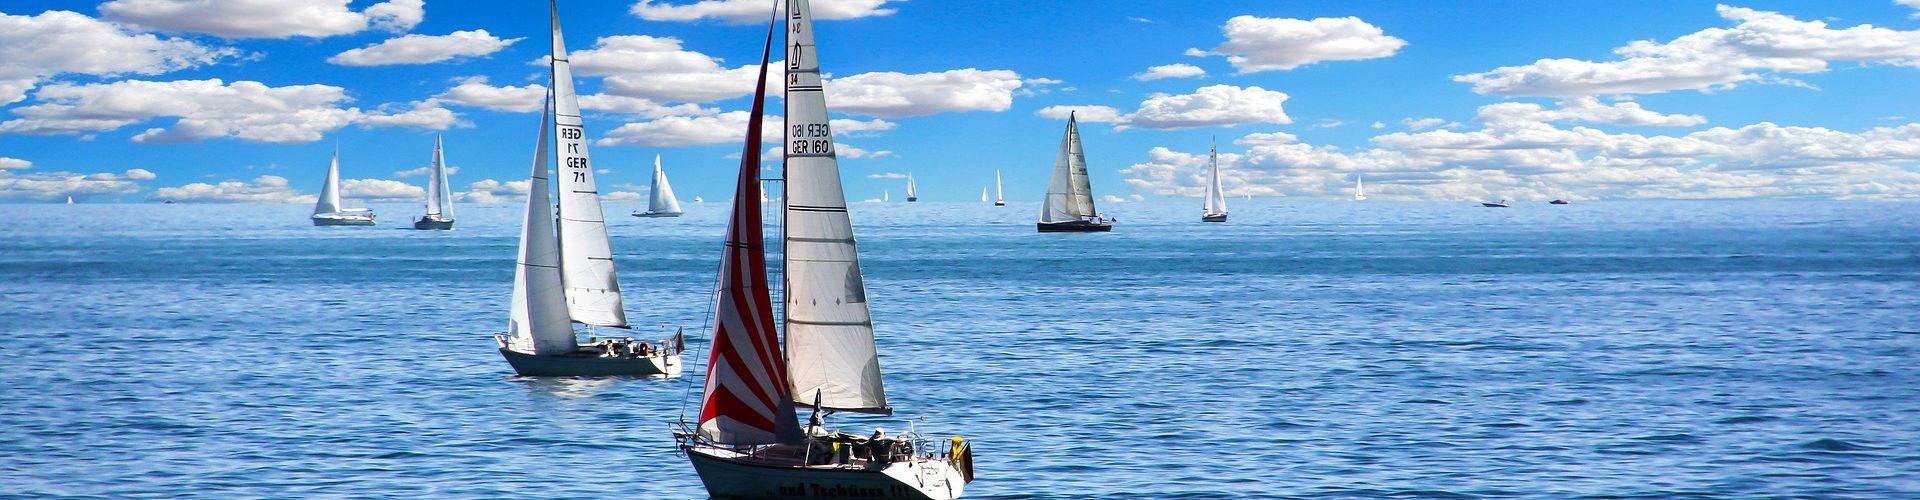 segeln lernen in Homburg segelschein machen in Homburg 1920x500 - Segeln lernen in Homburg